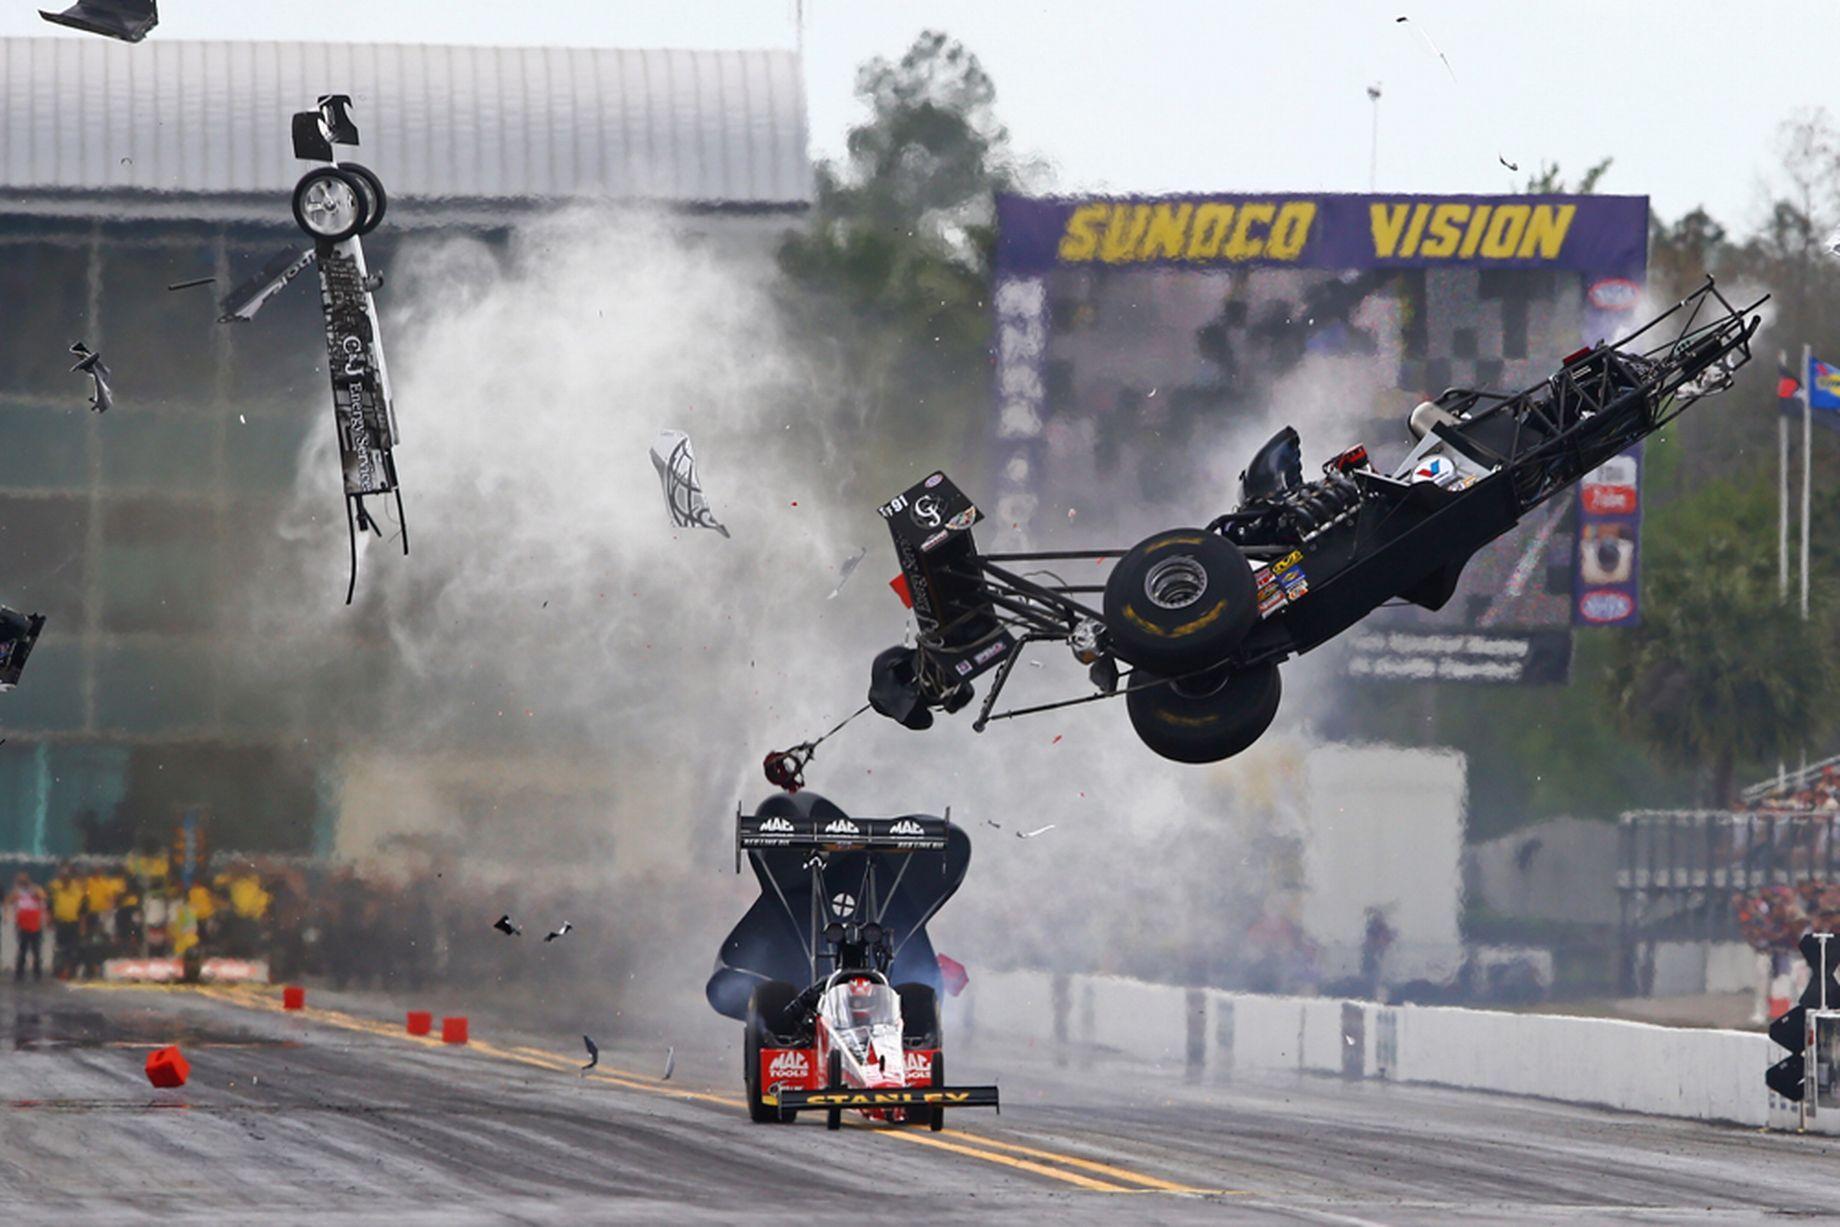 Drag racer hits wall at 280mph and walks away Drag